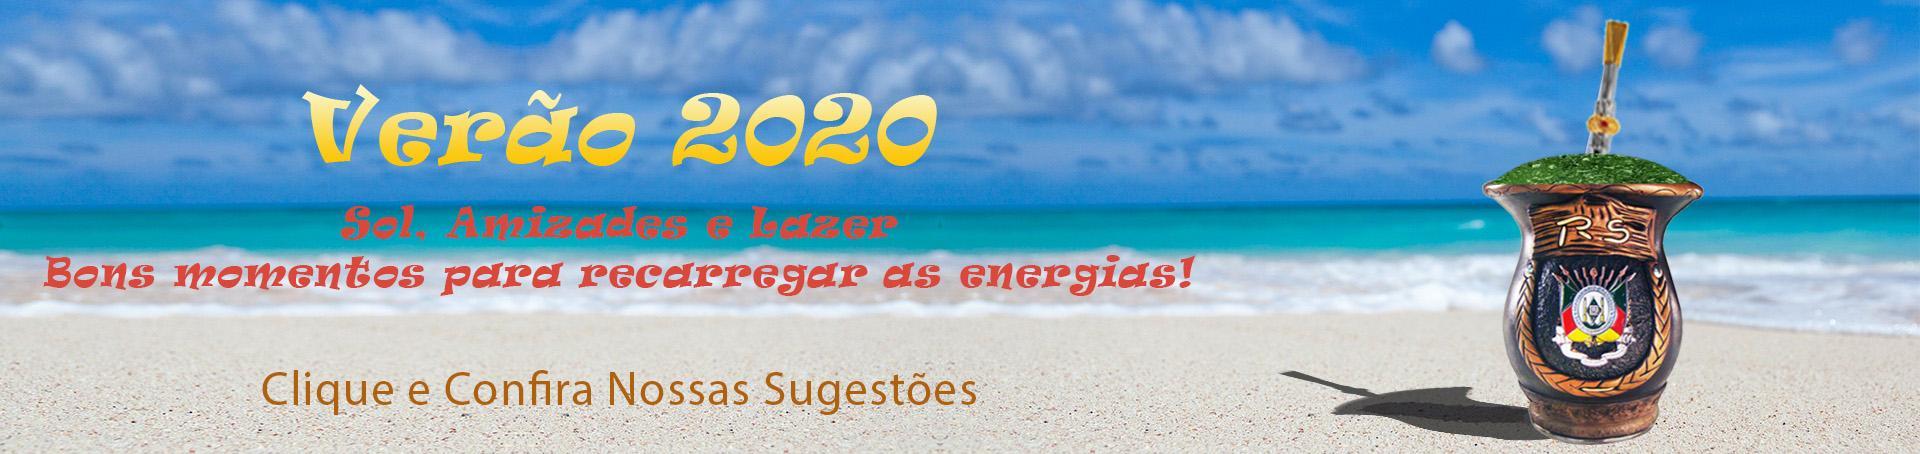 verão Artega 2020